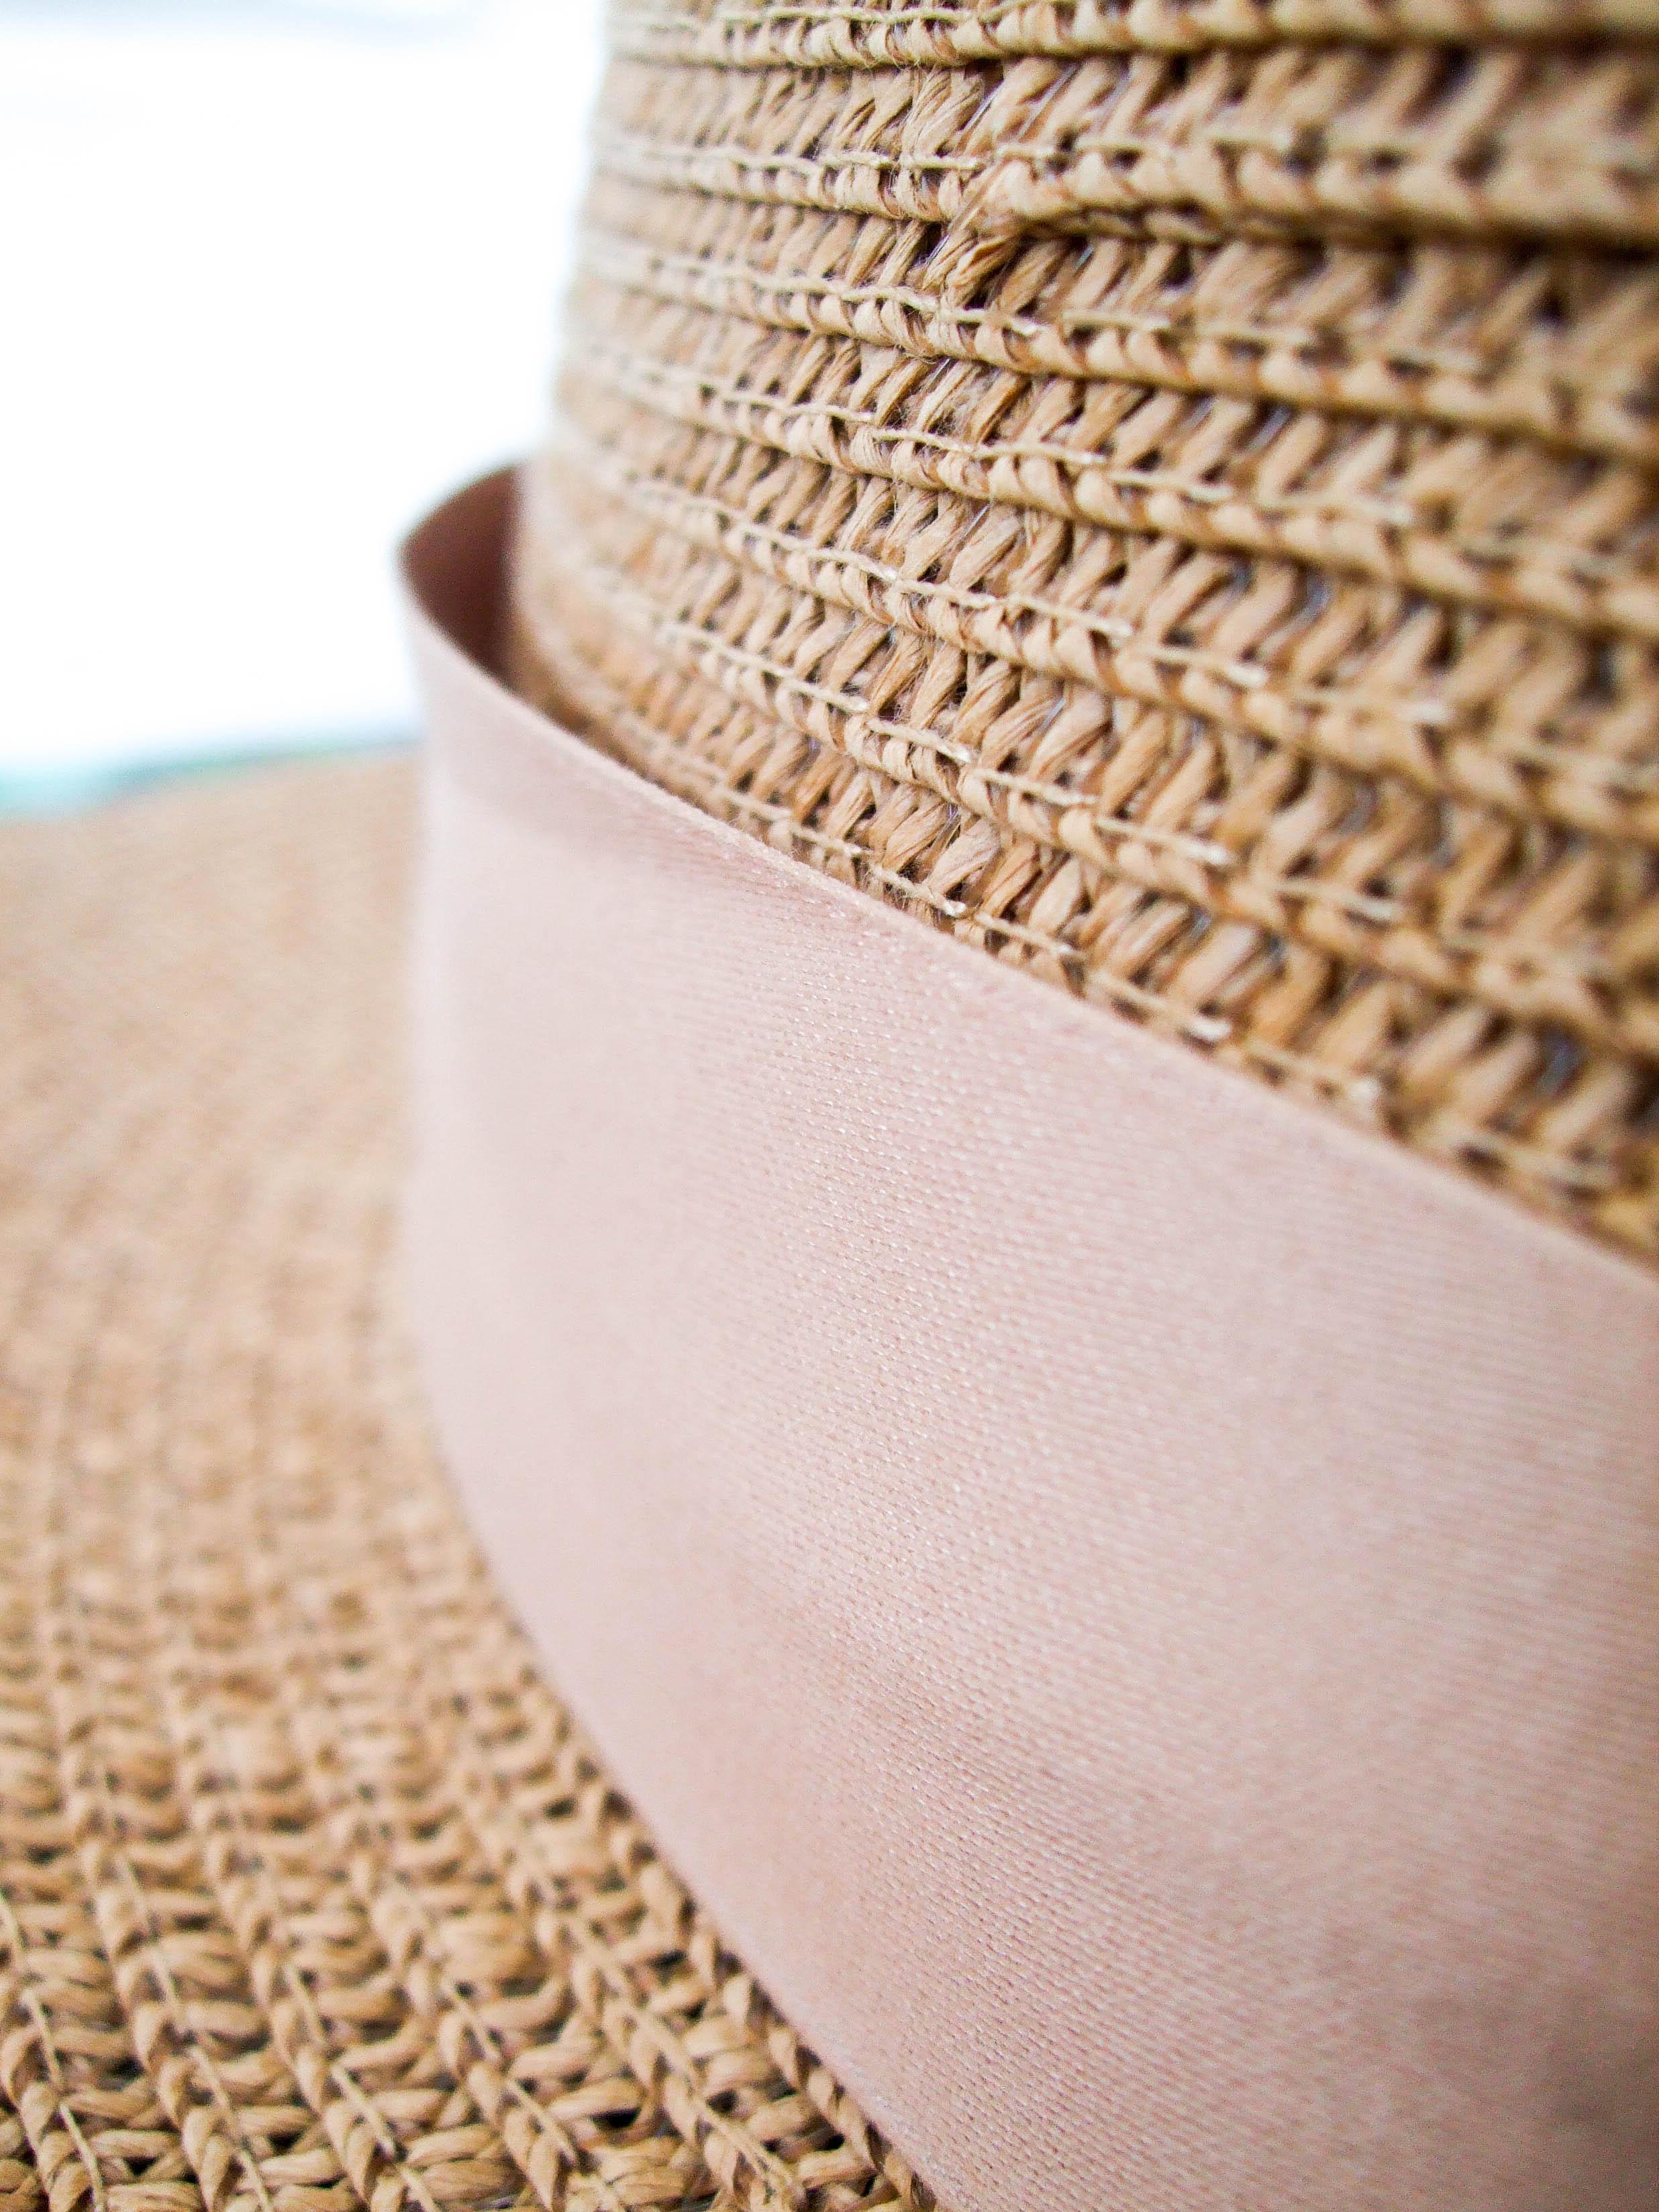 Шляпка с люверсами, которая очень понравилась - инструкция